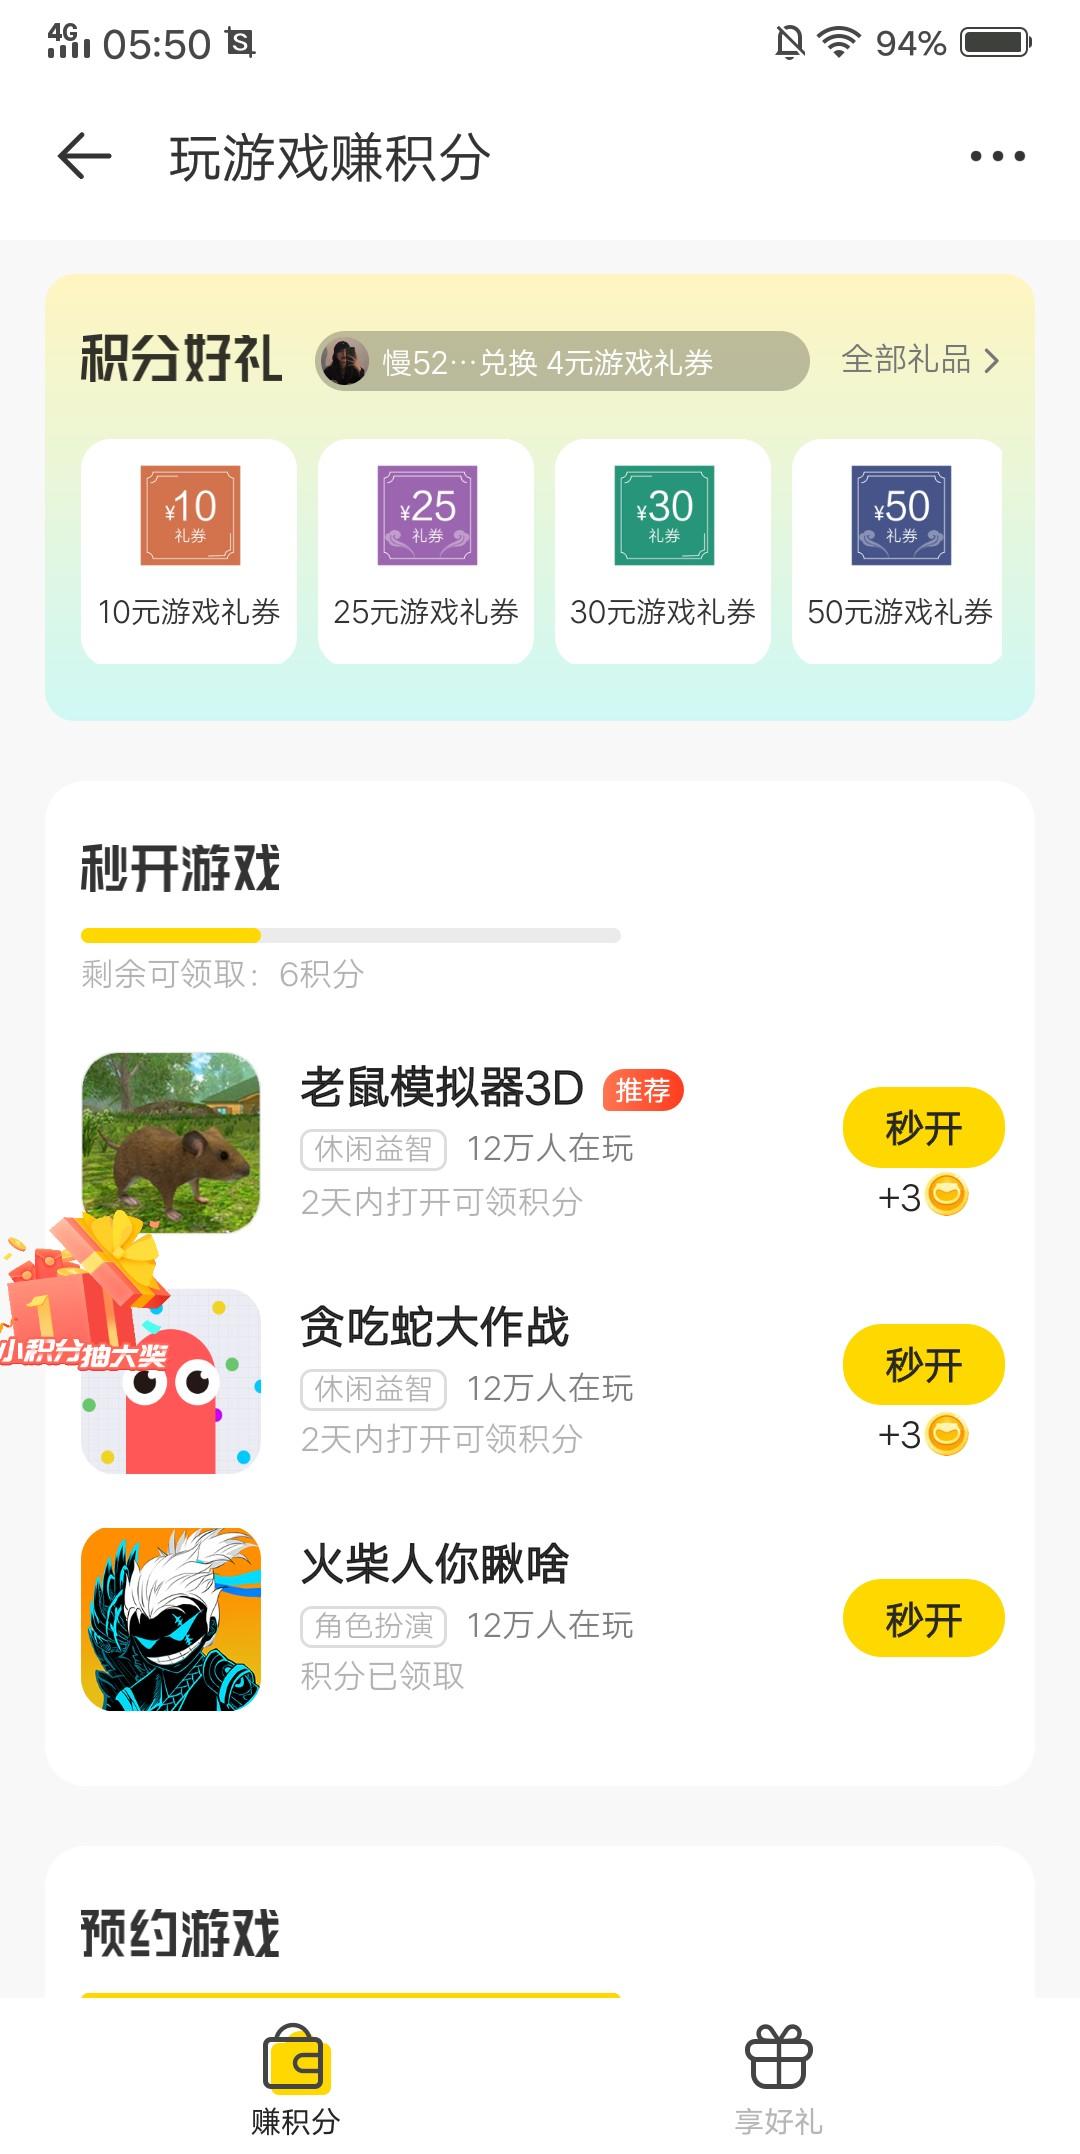 Screenshot_2020_0802_055049.jpg